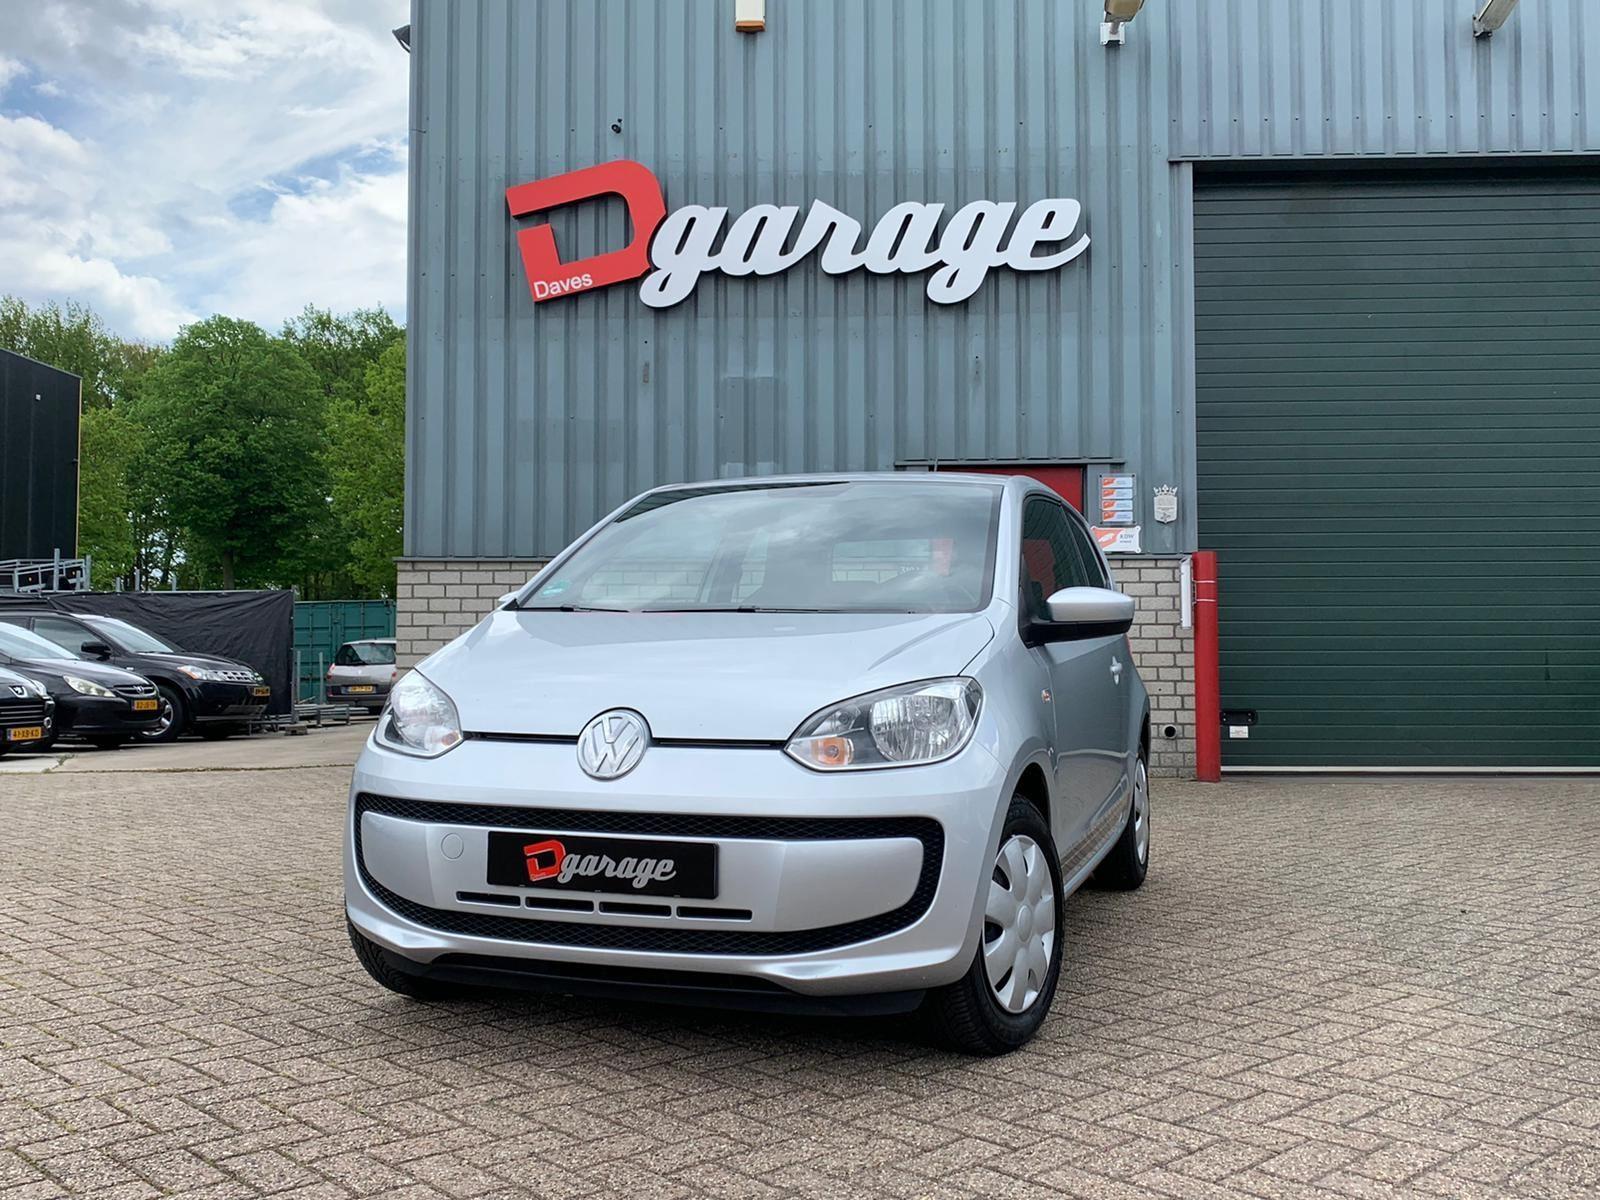 Volkswagen Up occasion - Dave's Garage